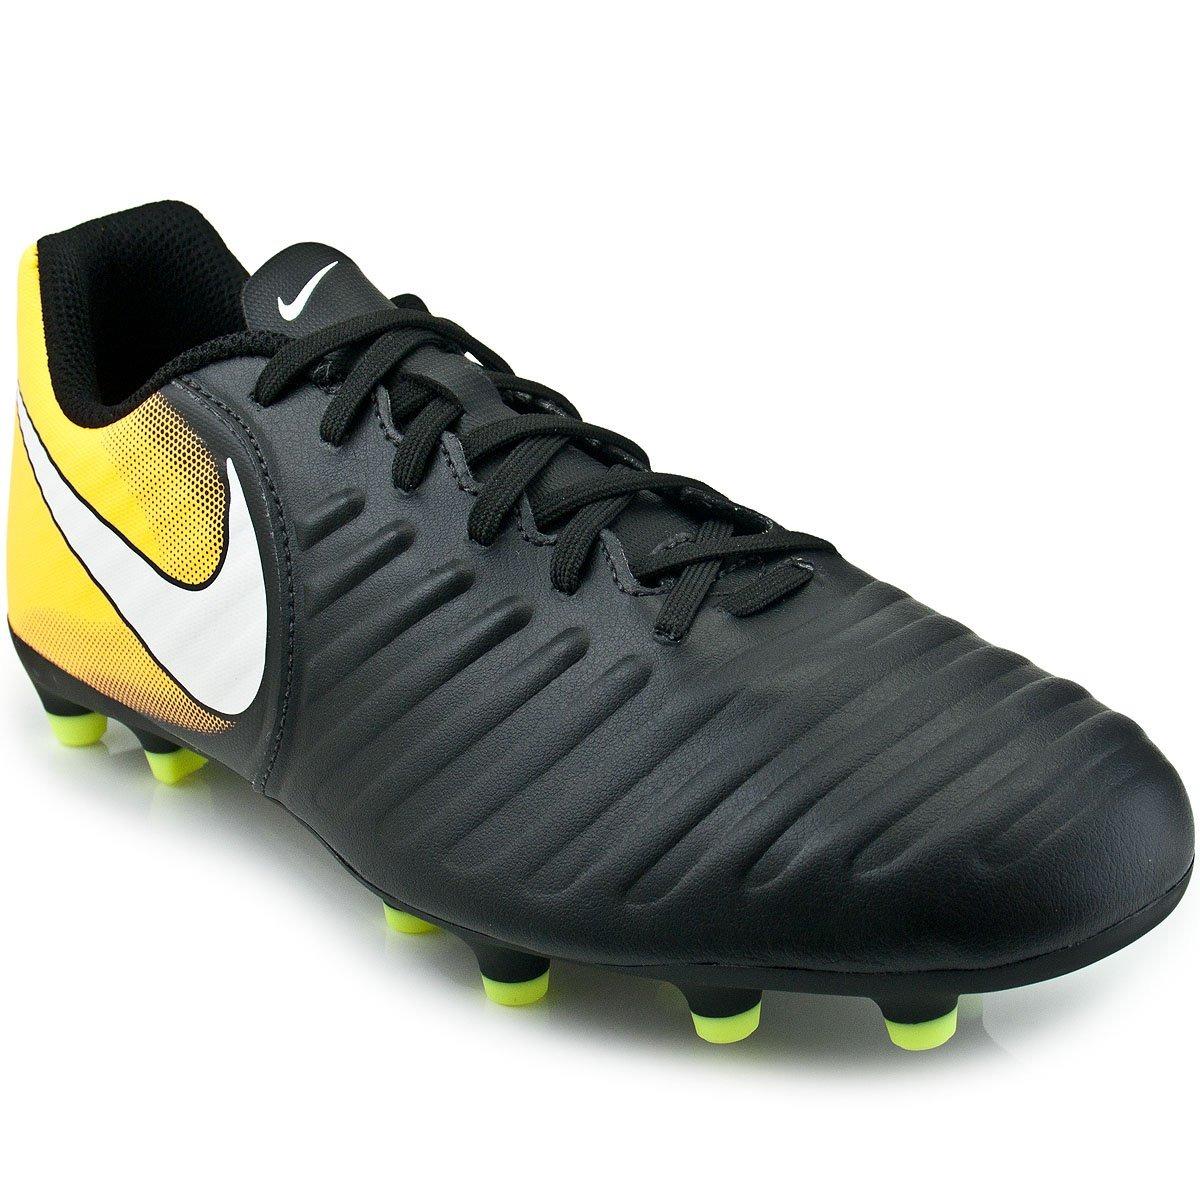 Chuteira Campo Nike Tiempo Rio 4 Adulto Preto - Original - R  259 c605f4aa37f16